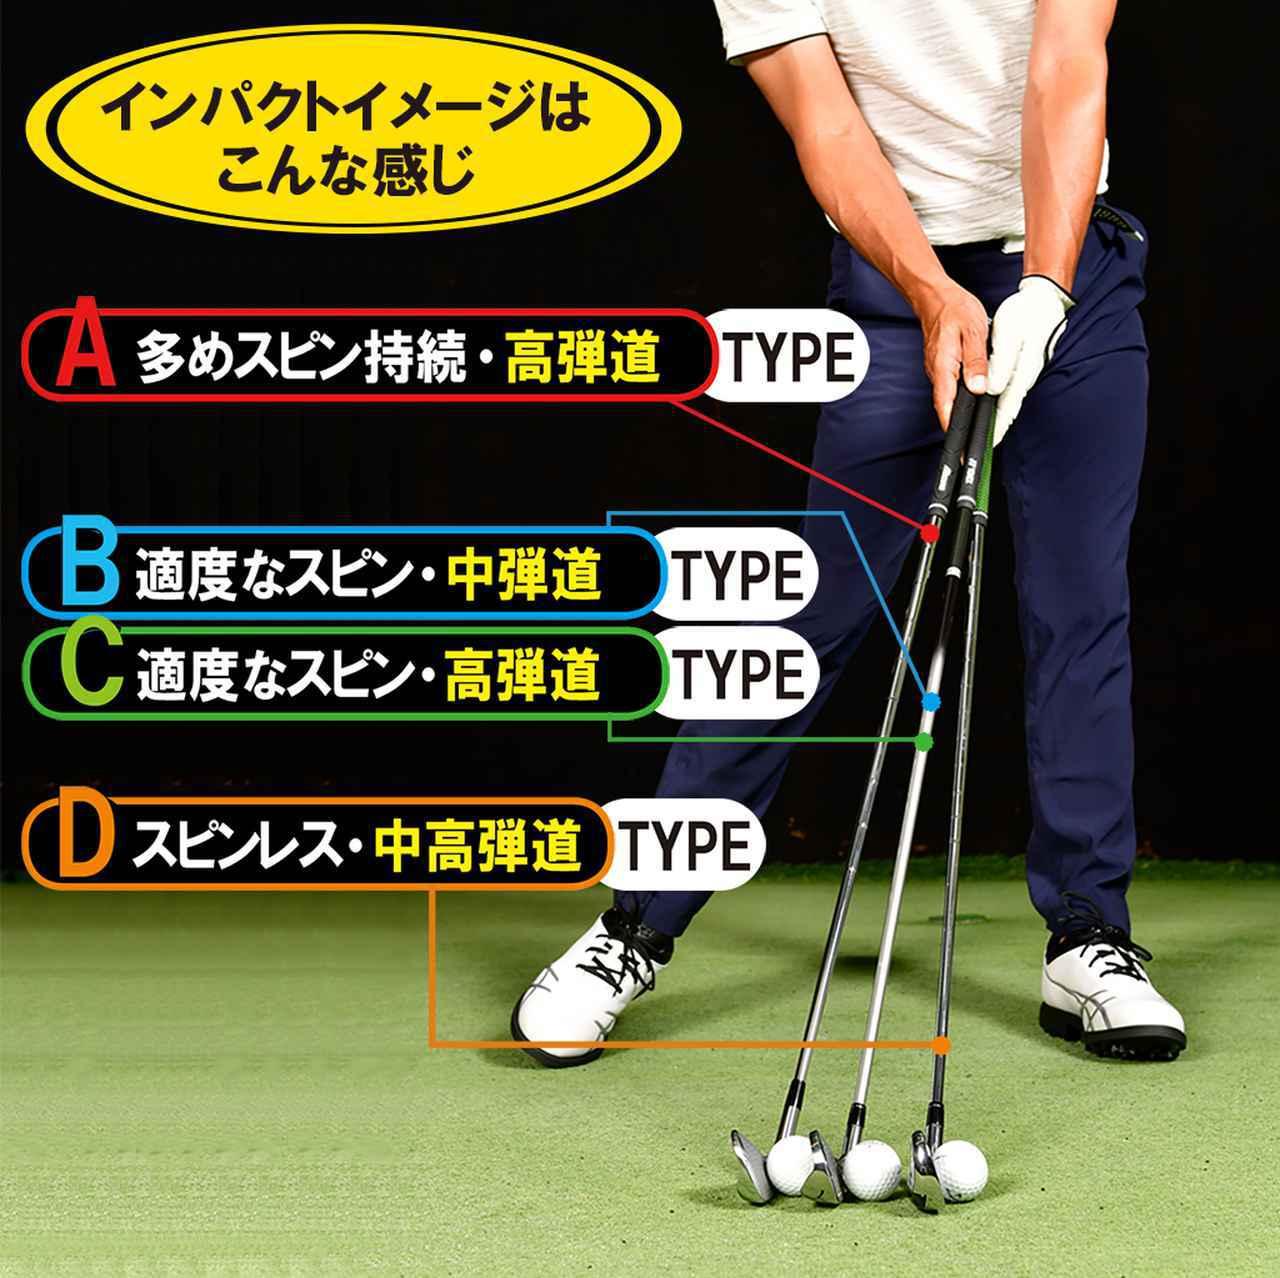 画像1: 同じ7番でも打ち方のアレンジが必要 インパクトポイントを意識して、クラブの性能を生かそう